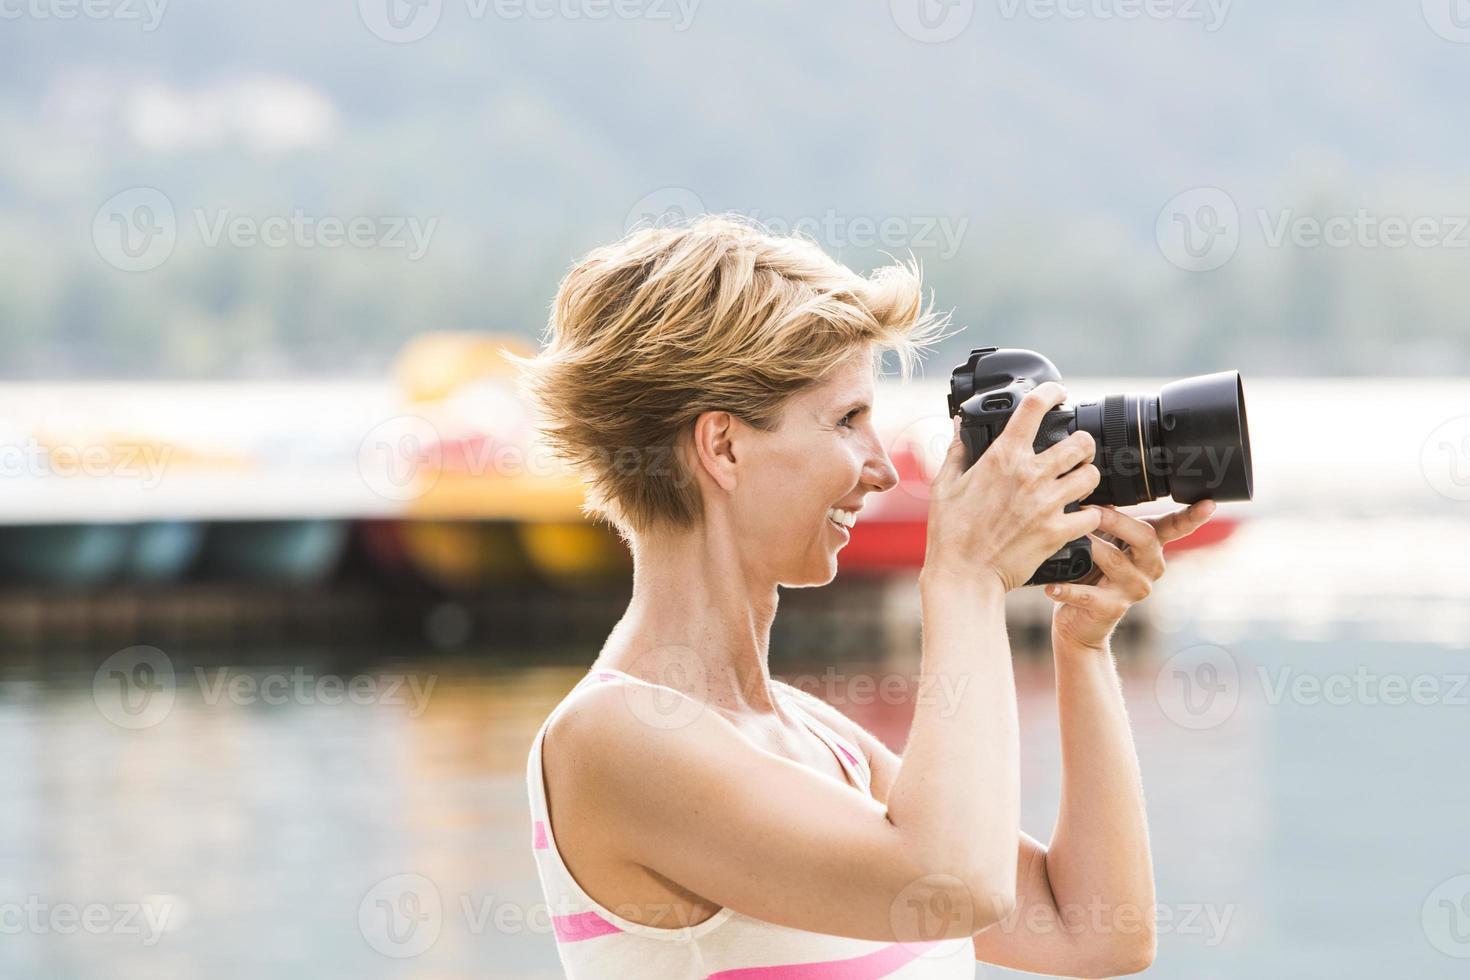 jonge vrouw maakt een foto met haar dslr